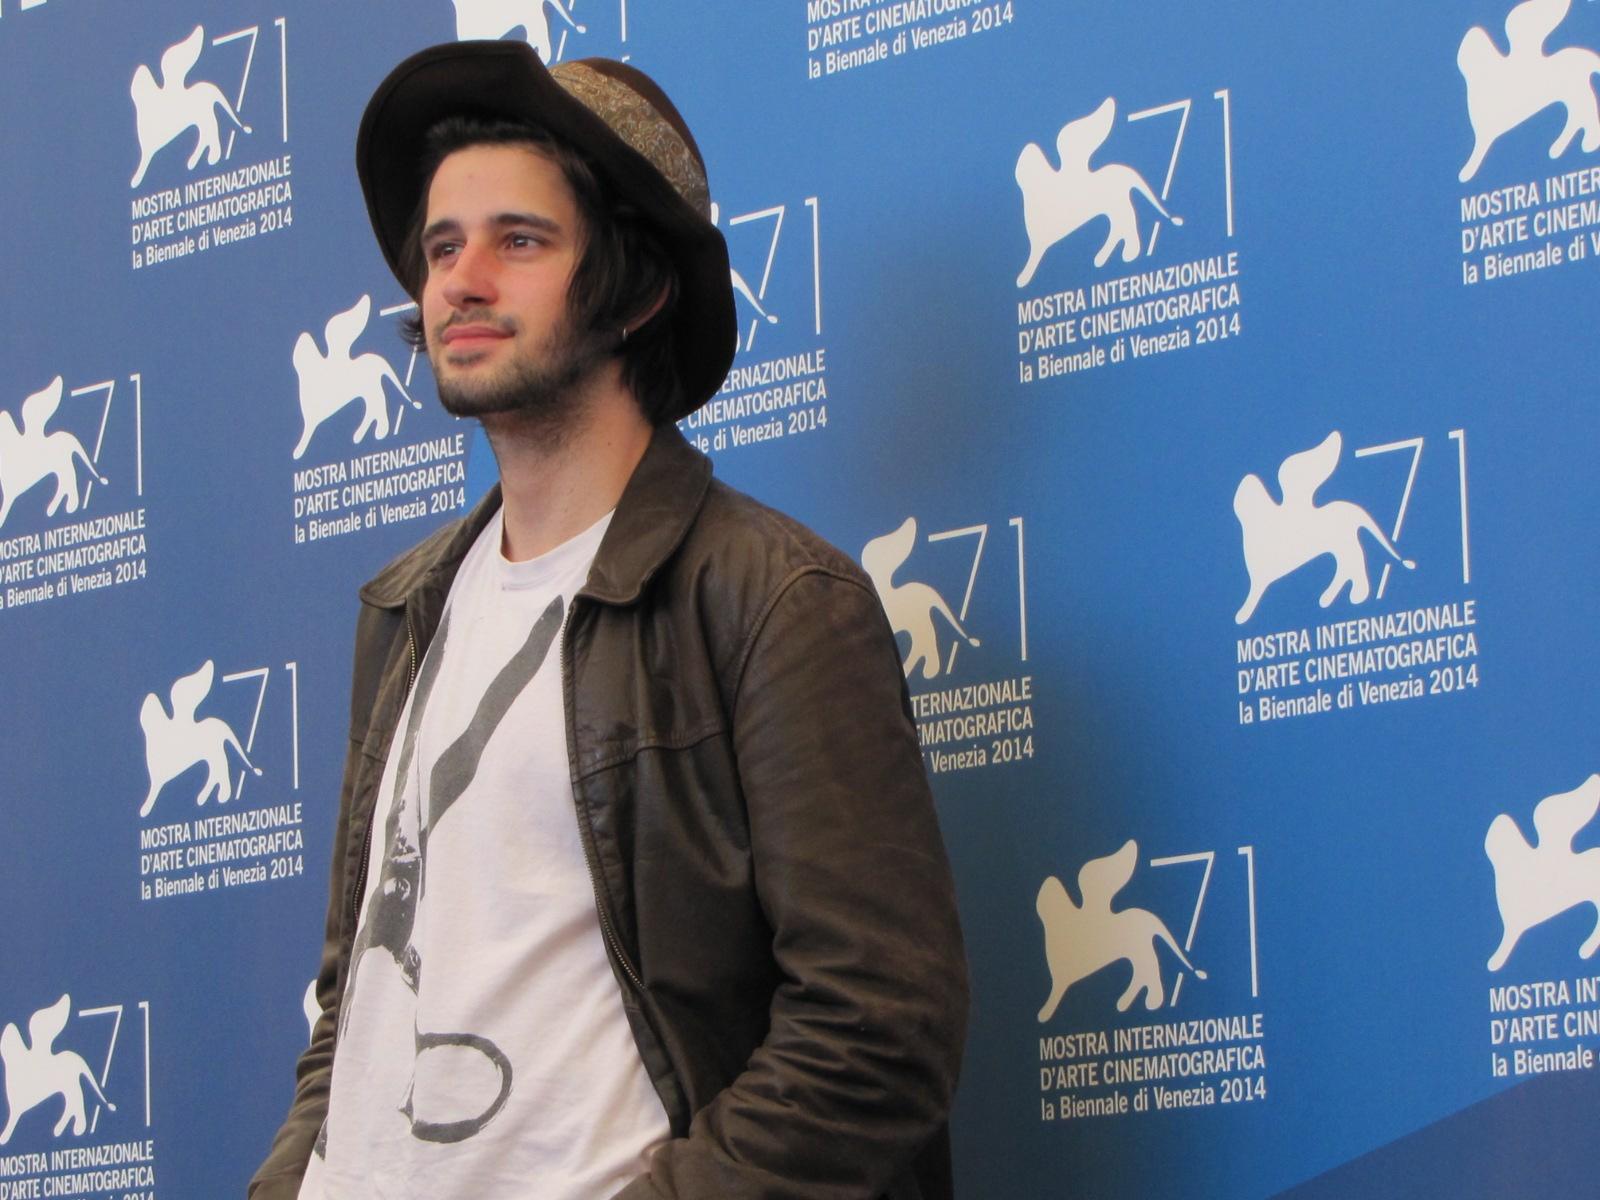 La vita oscena a Venezia 2014, l'attore Clement Metayer